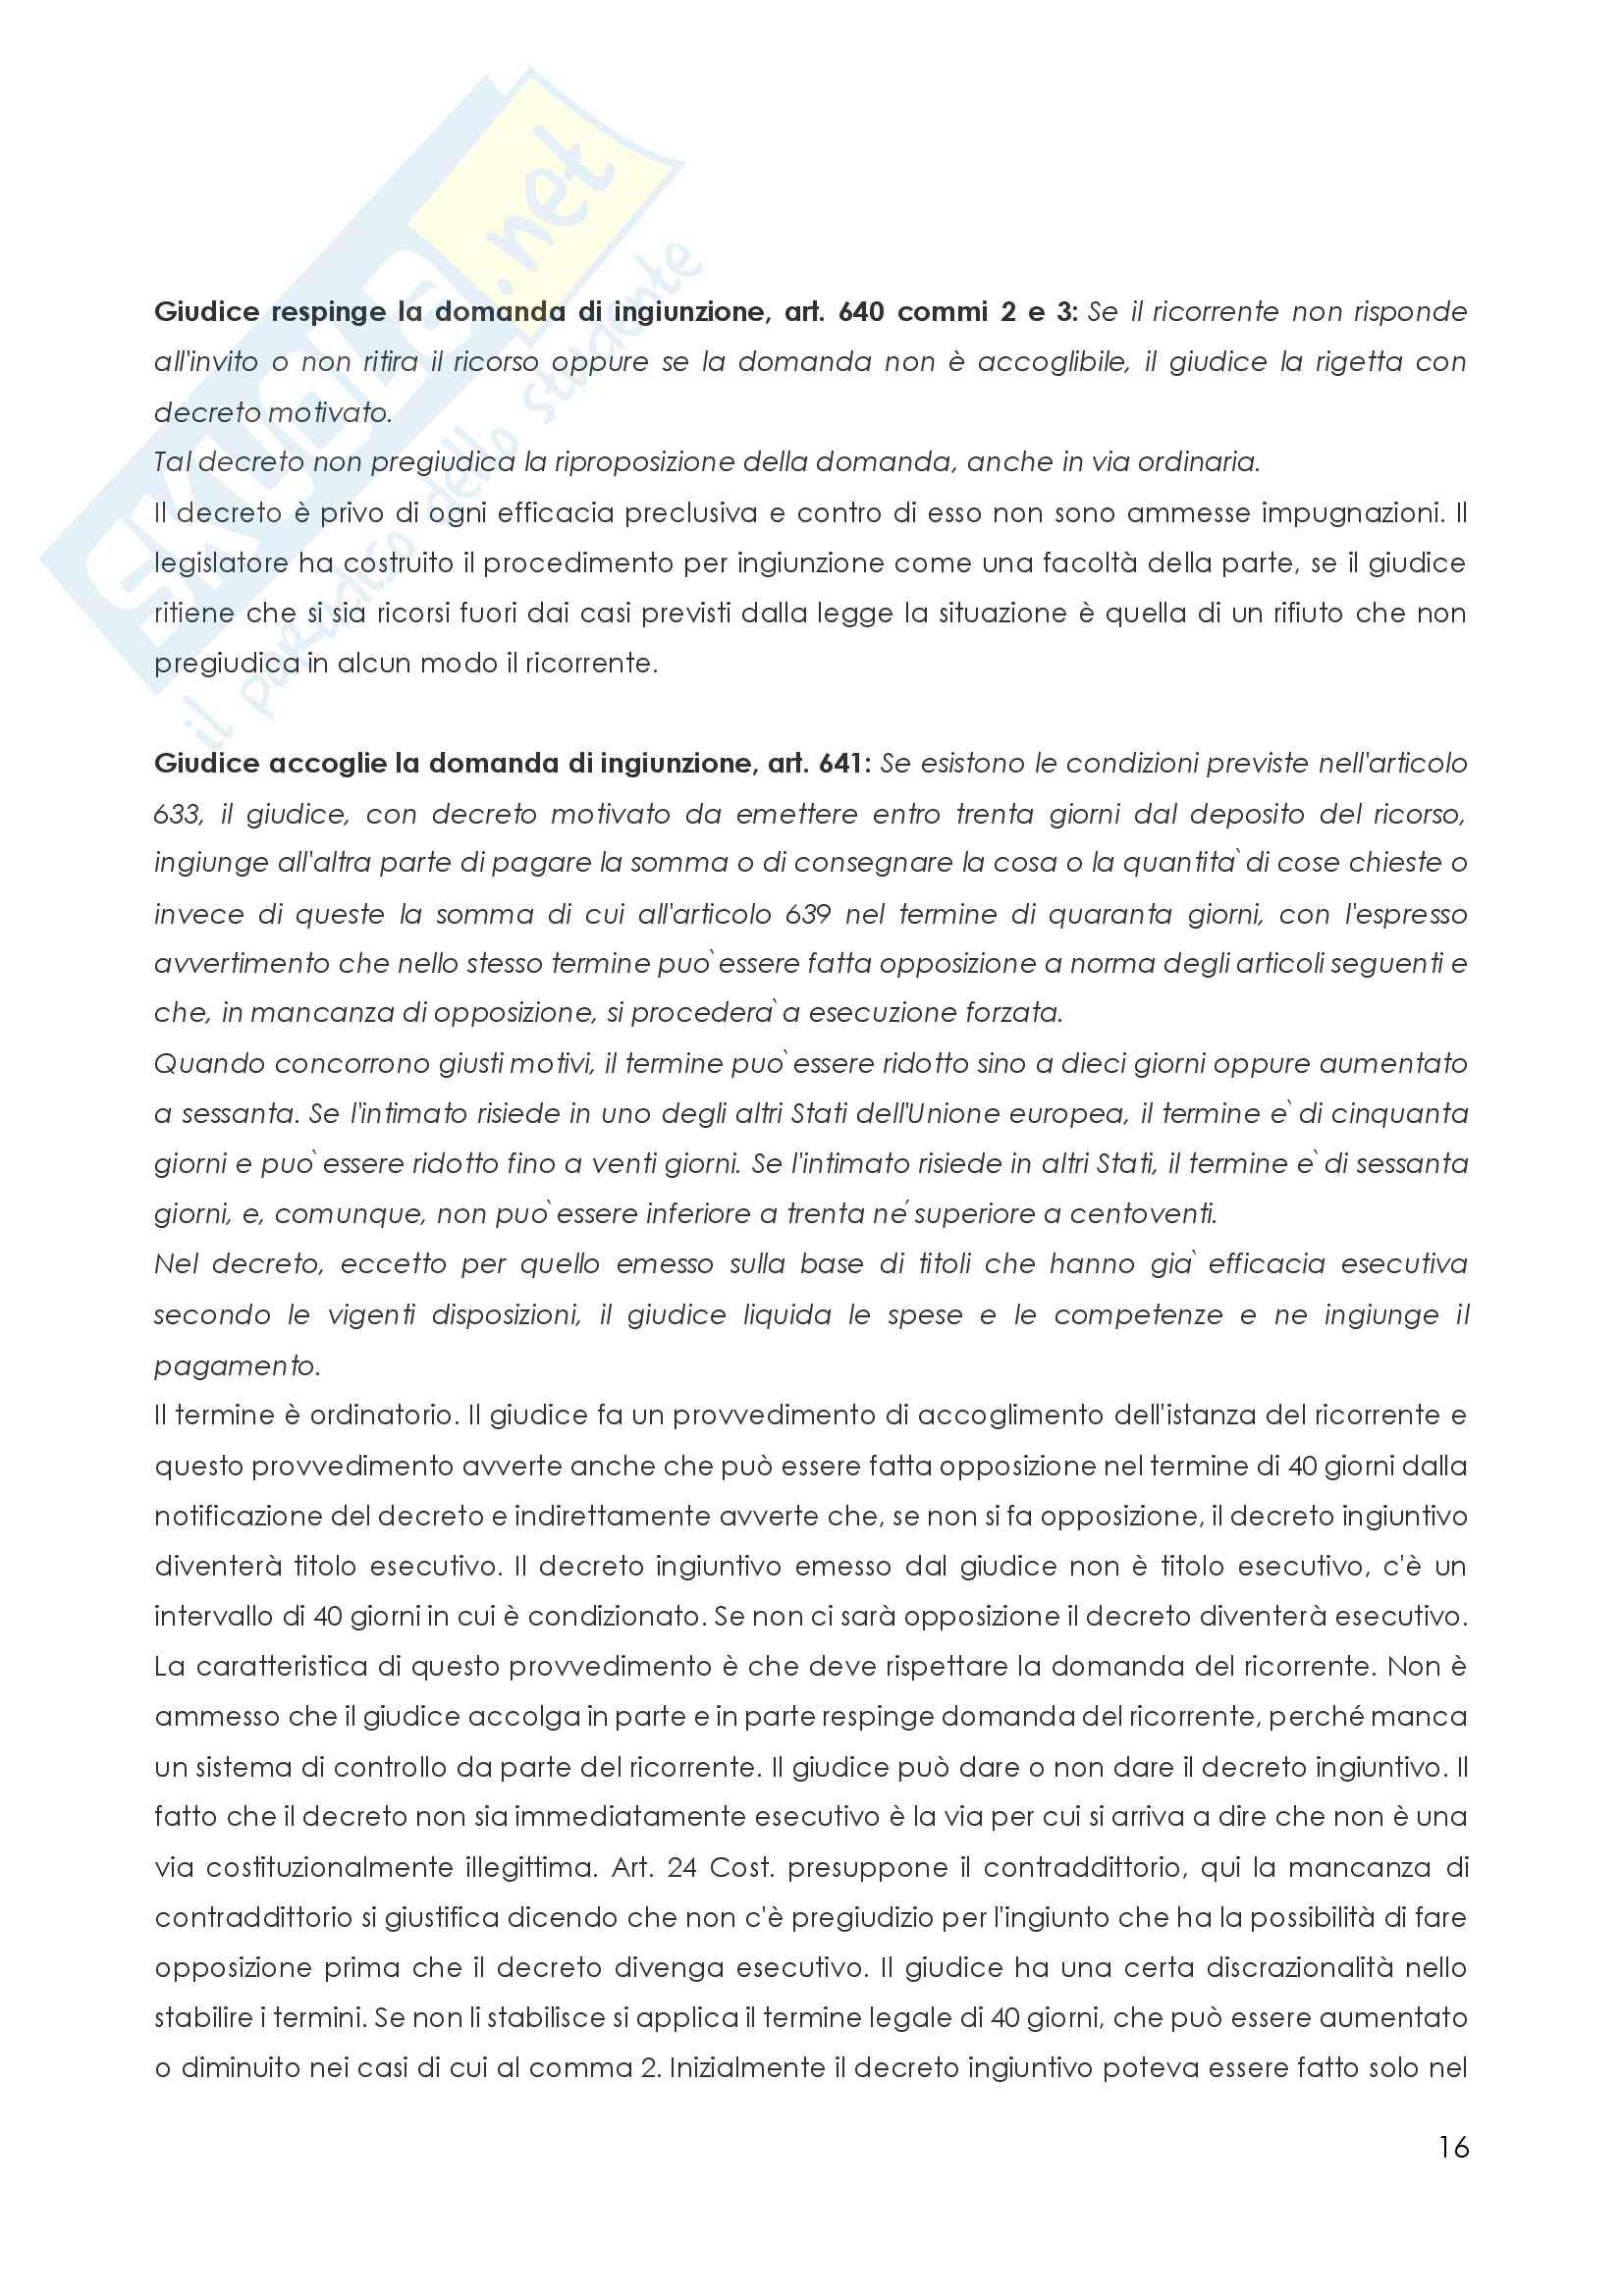 Procedura Civile, Procedimenti speciali Pag. 16